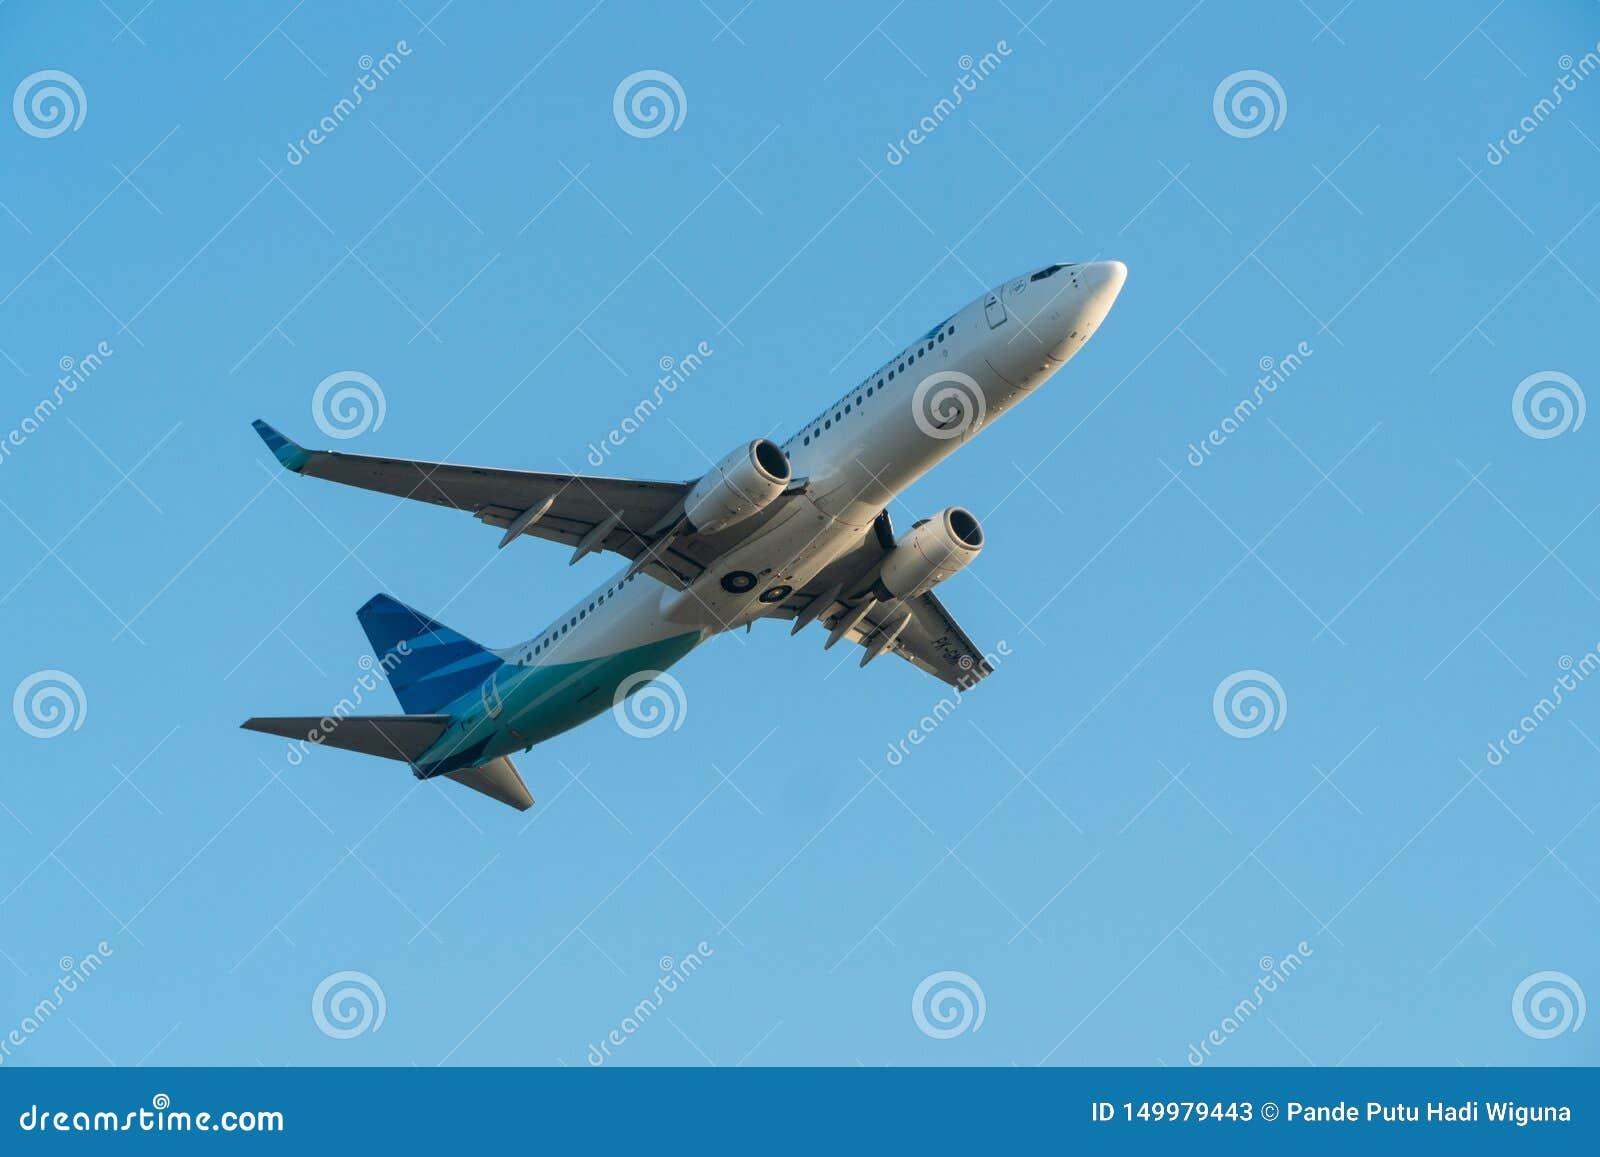 BALI/INDONESIA-JUNE 06 2019年:印度尼西亚鹰航空,参加天空队的其中一家航空公司在印度尼西亚,飞行在蓝色